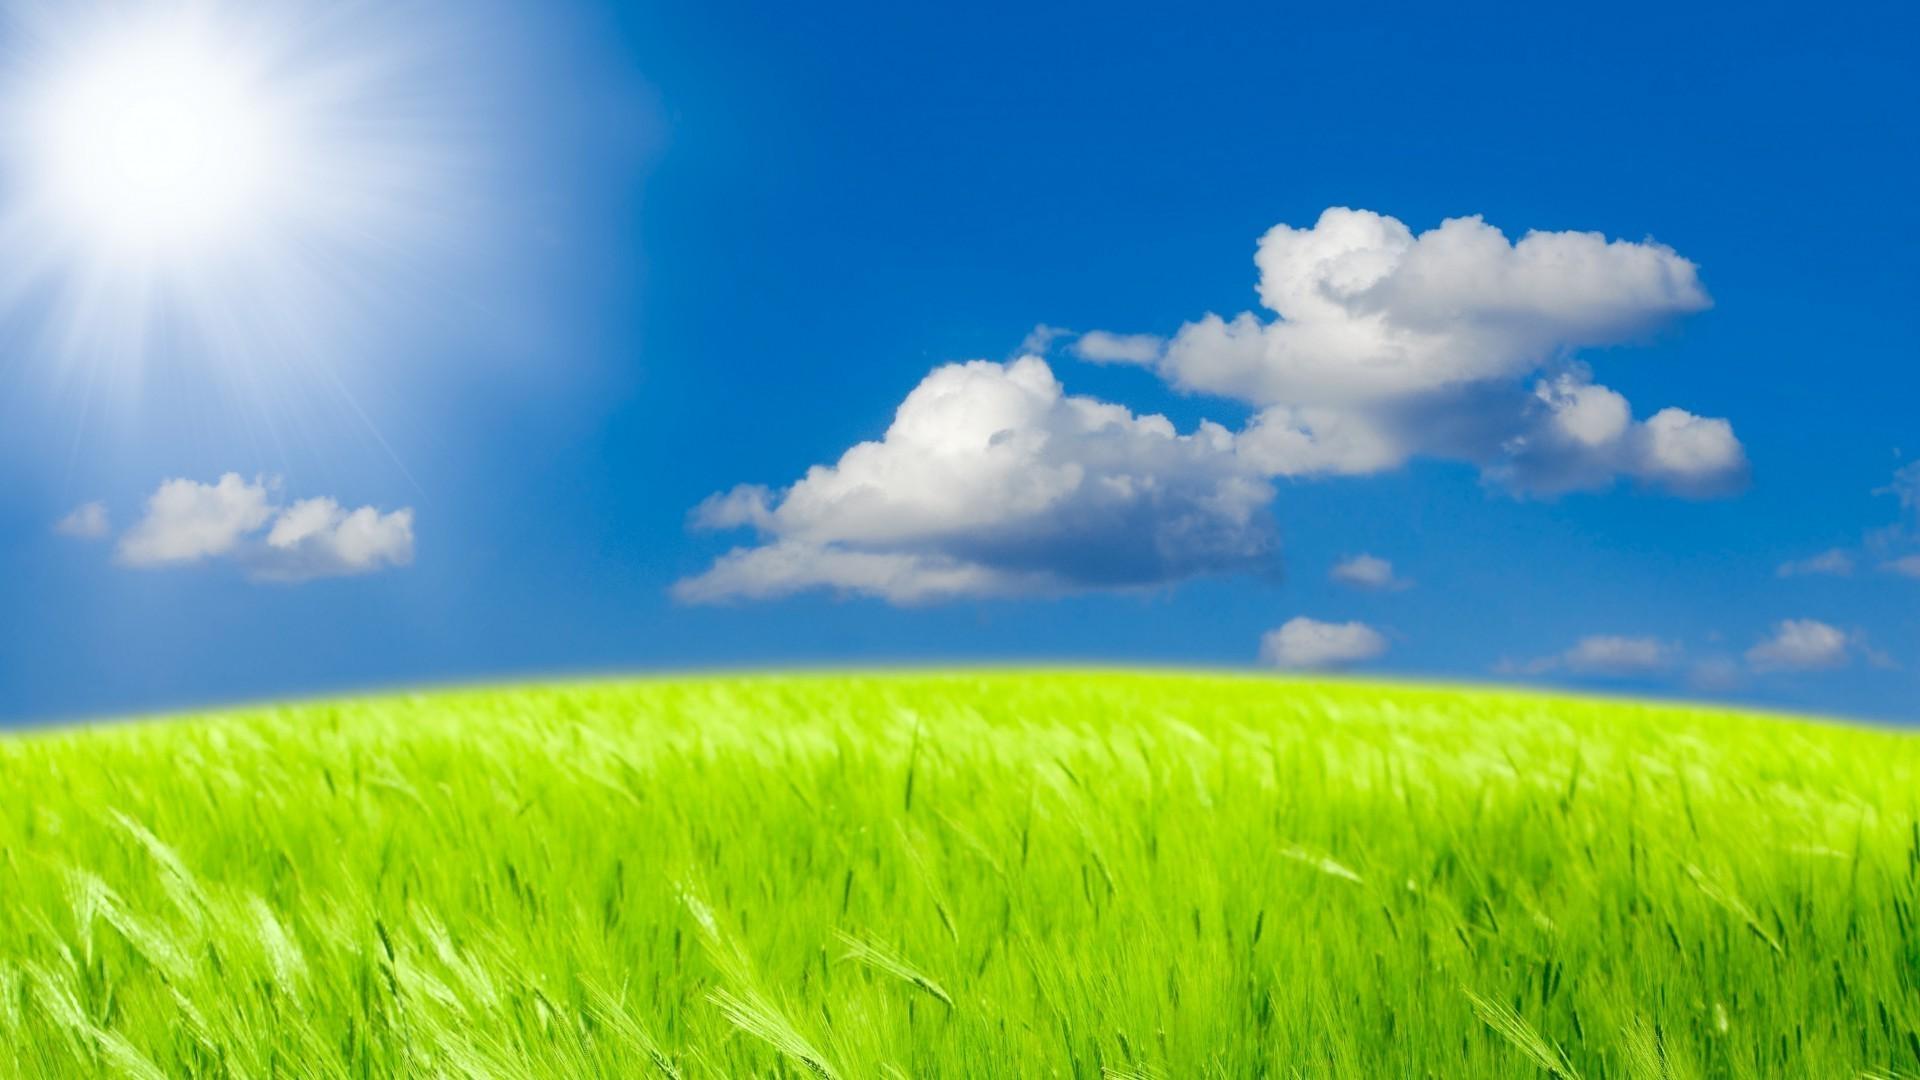 поле травы обои на рабочий стол № 31424  скачать